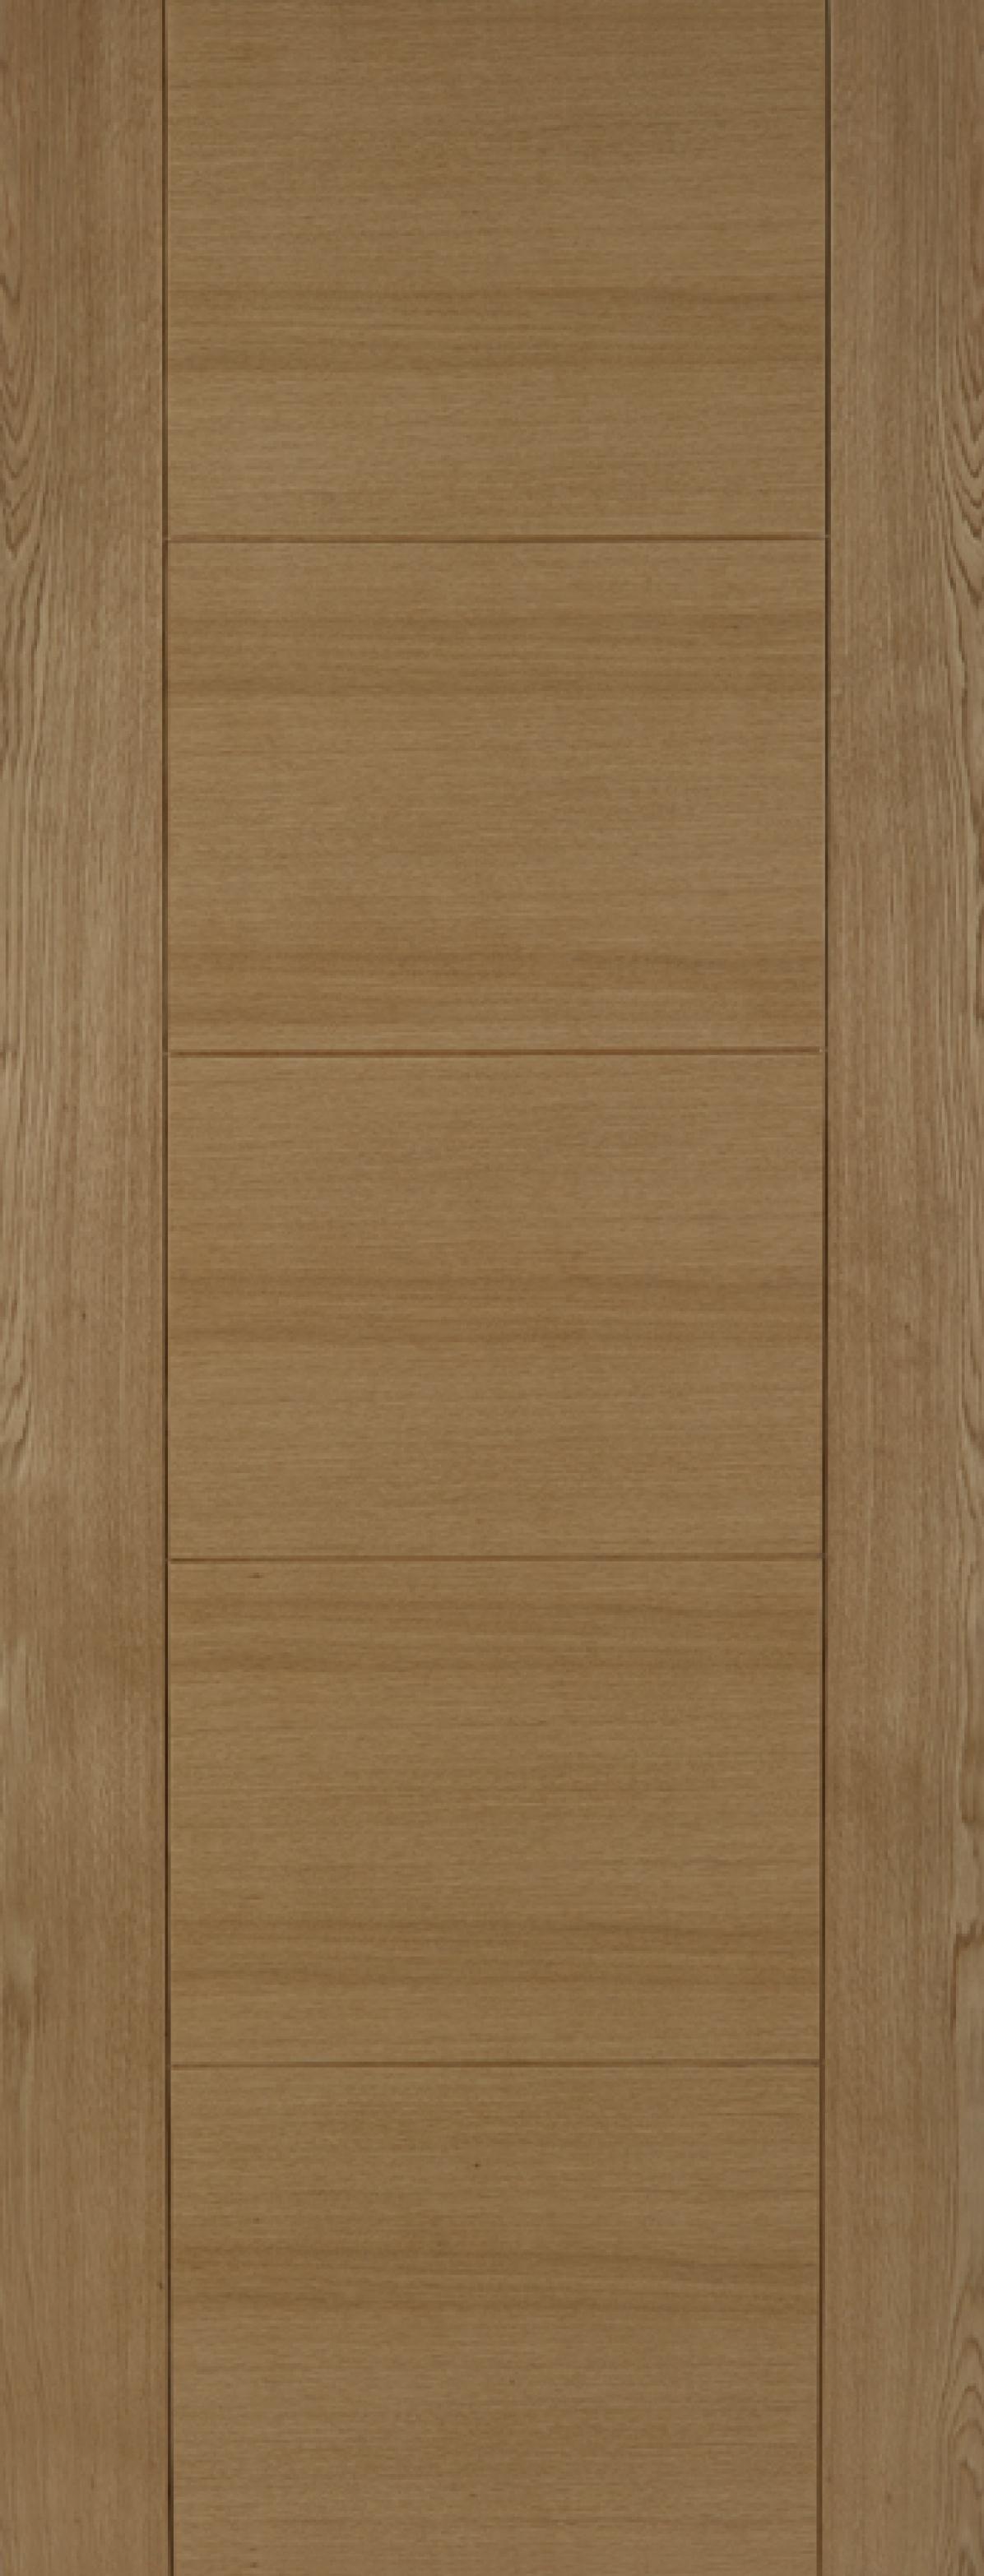 Oak Iseo Deluxe - Prefinished